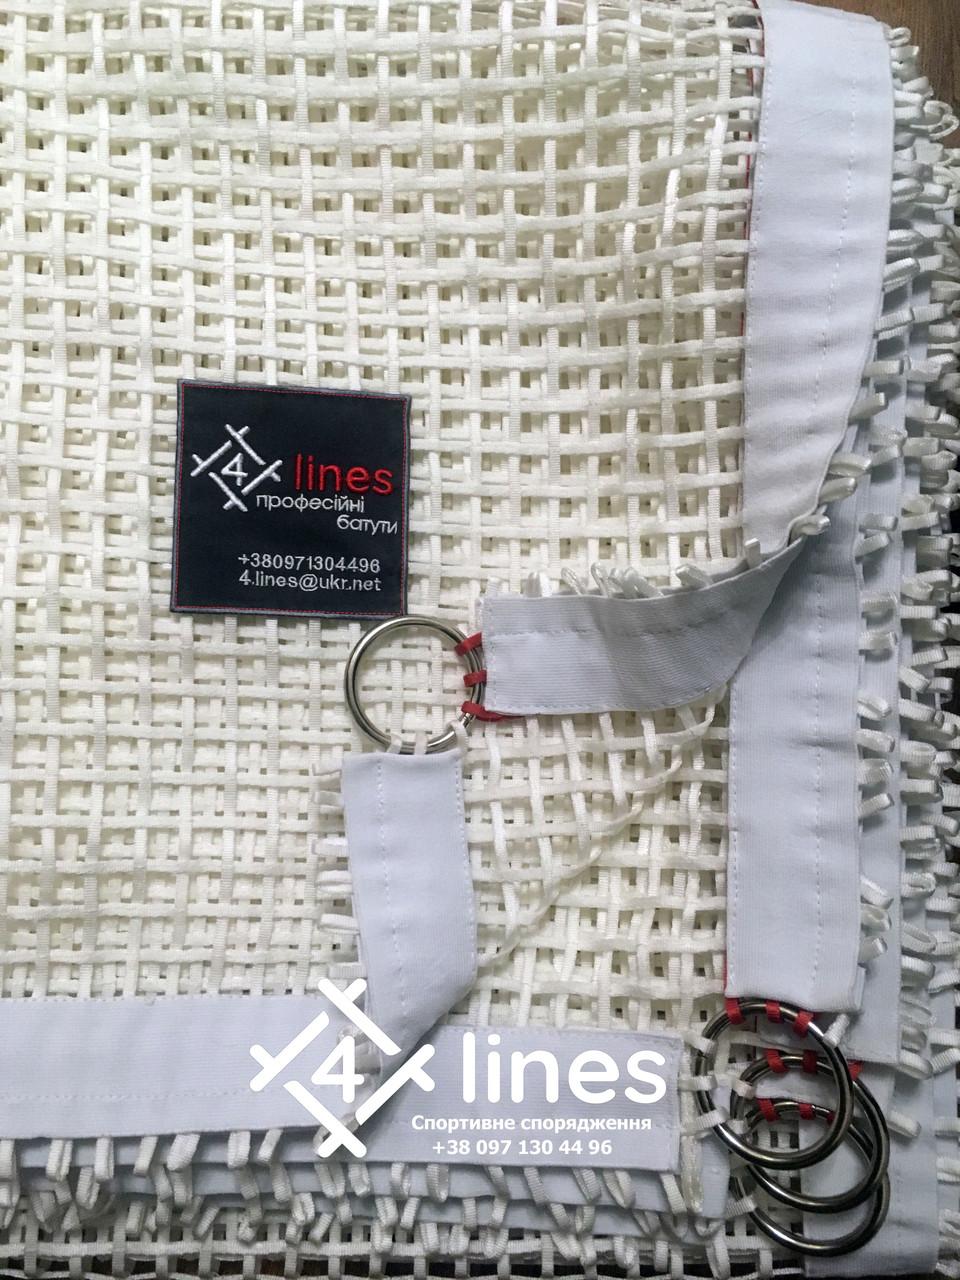 Тренировочная батутная сетка 4 Lines Евростандарт 2,13м х 4,26м (+/-60мм)